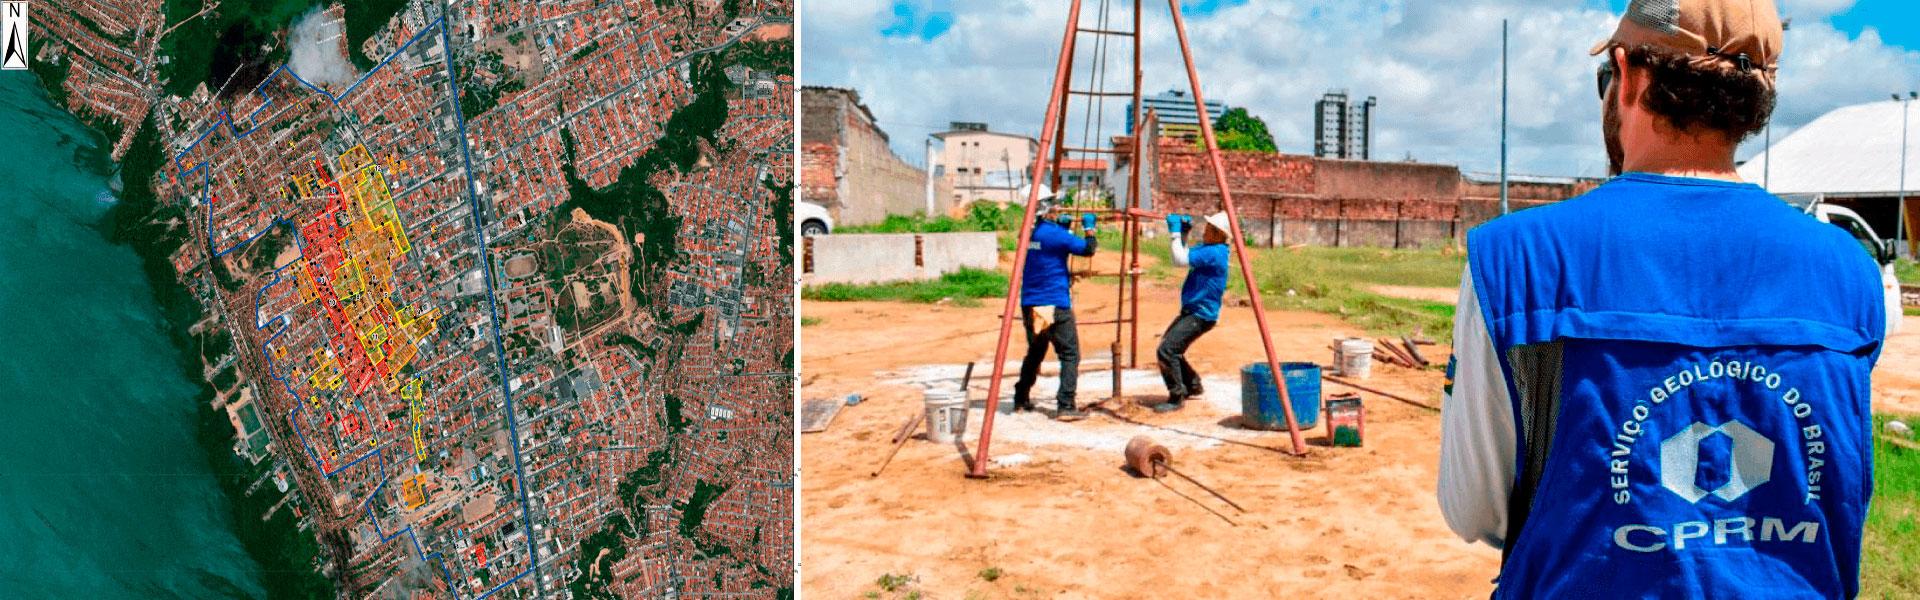 Atuação da CPRM em Bairro Pinheiro, em Maceió (AL)